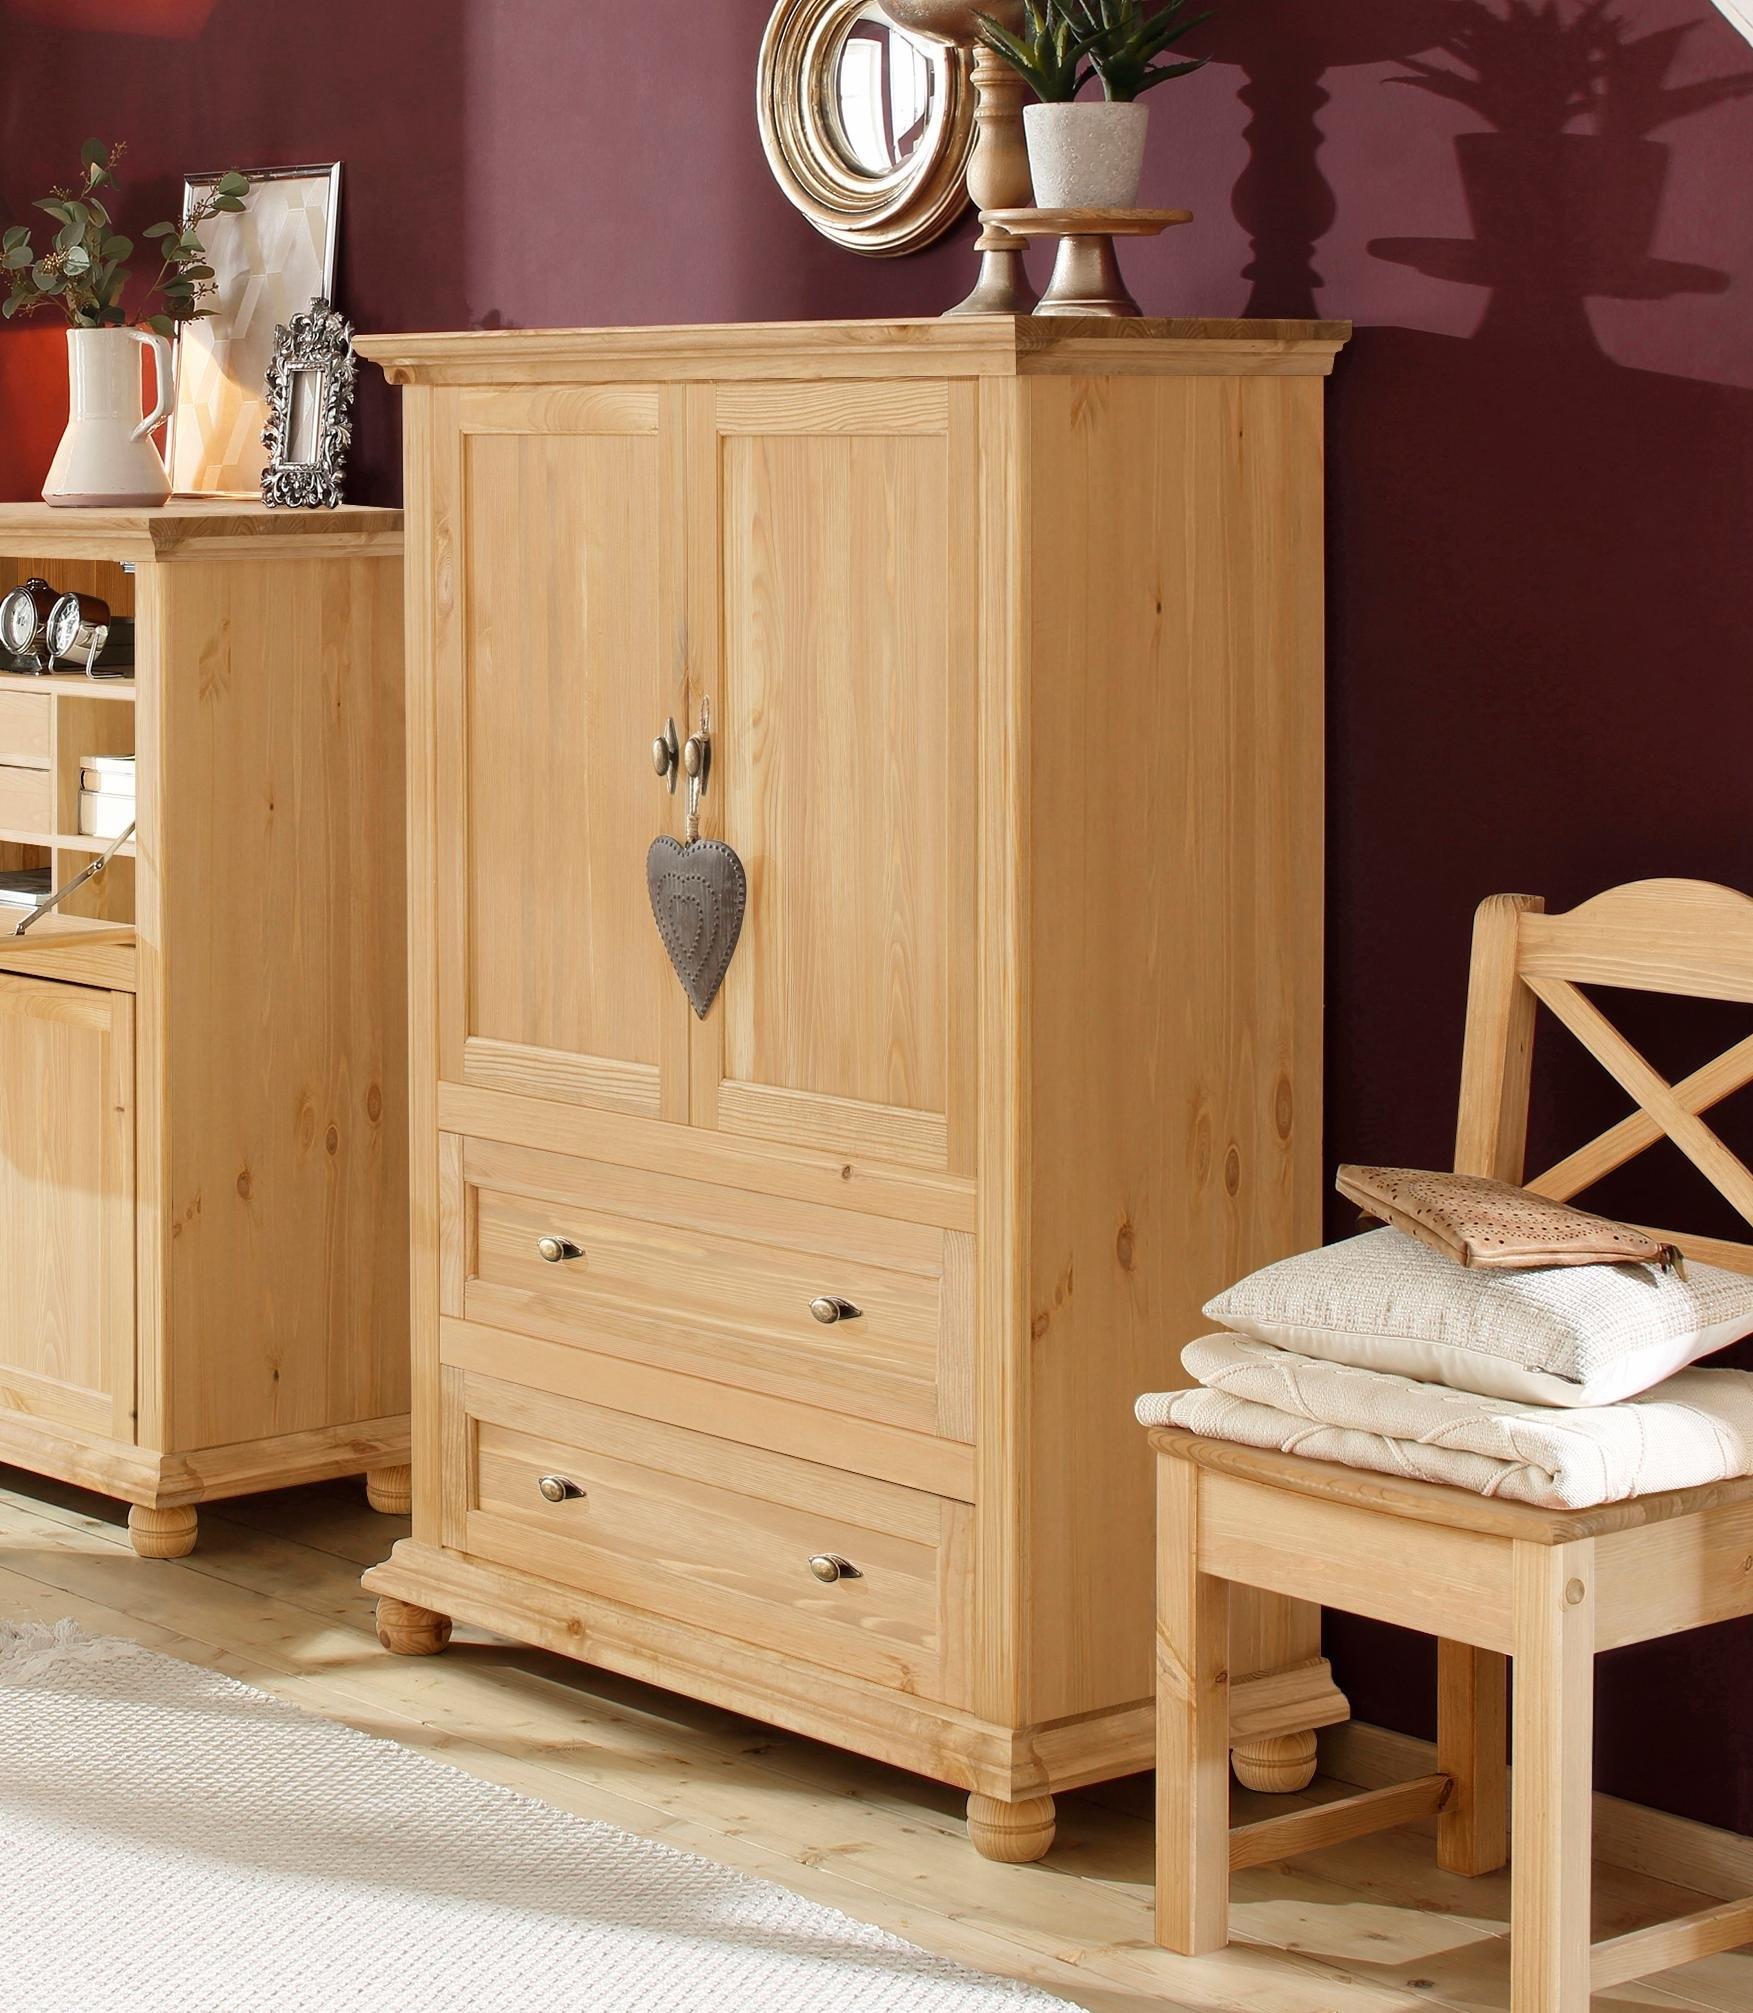 Home affaire linnenkast Irena van massief hout, met twee deuren en twee laden, breedte 99 cm online kopen op otto.nl